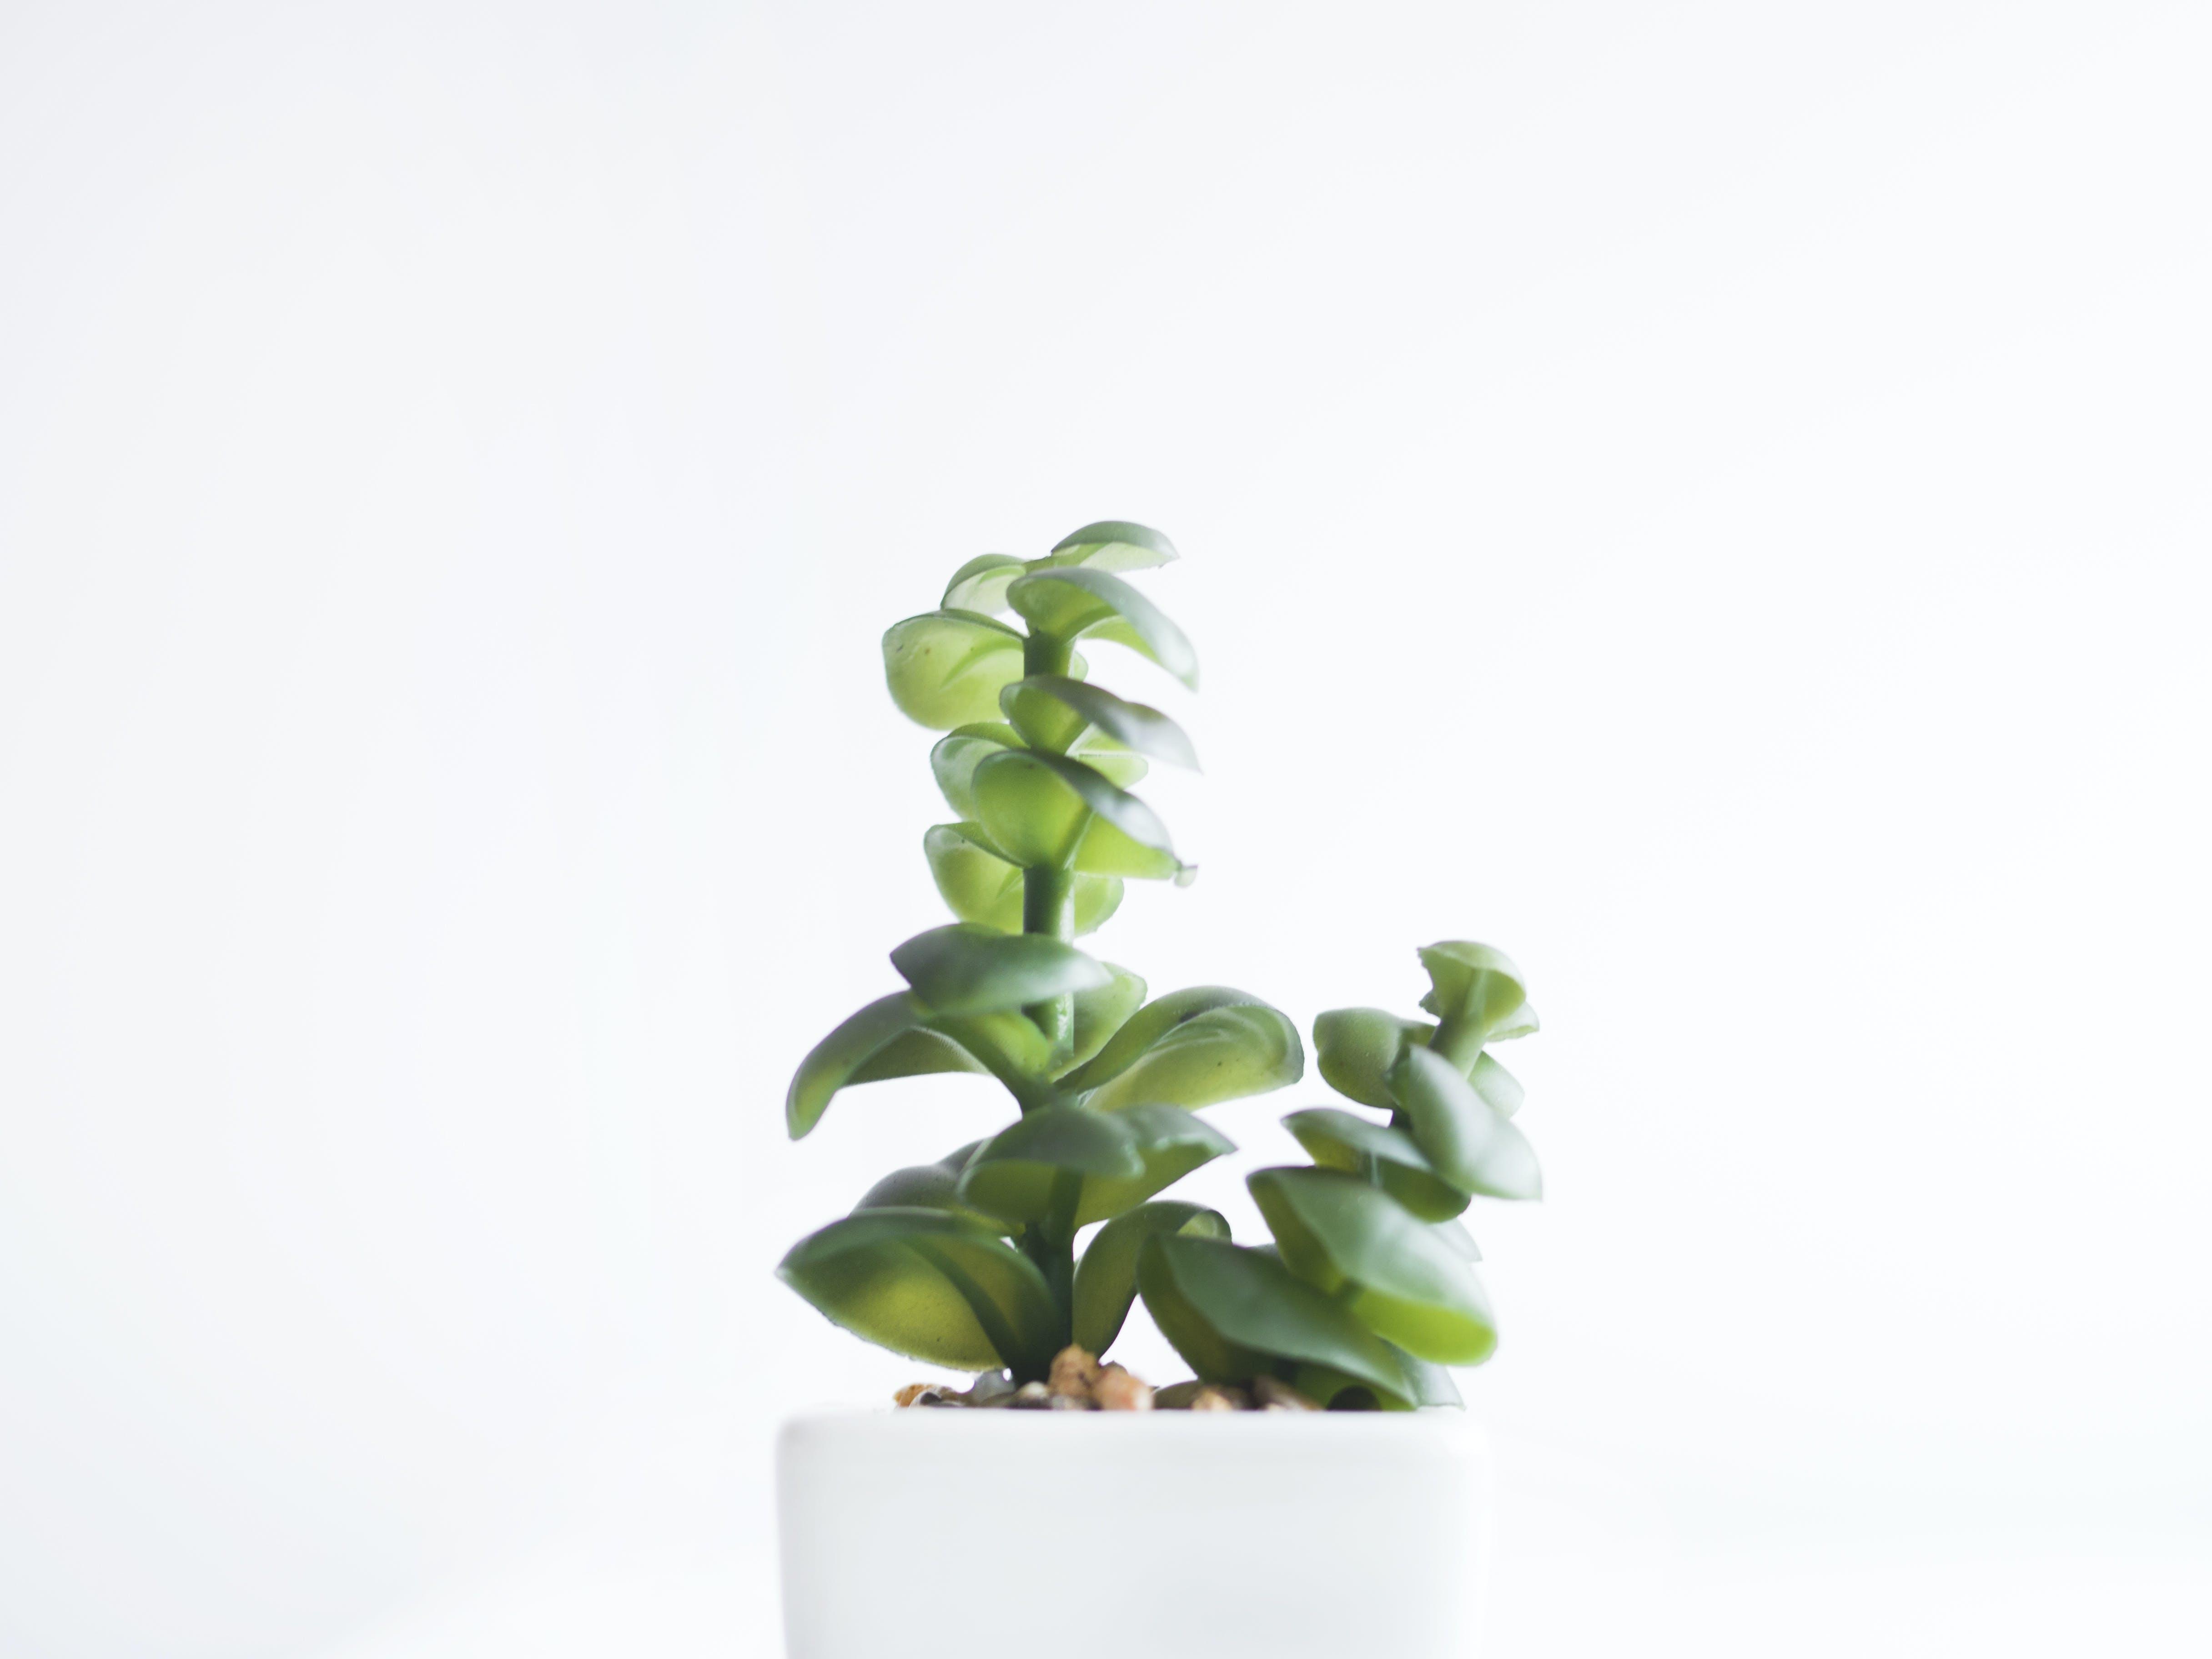 Kostenloses Stock Foto zu blätter, dekoration, disjunct, flora